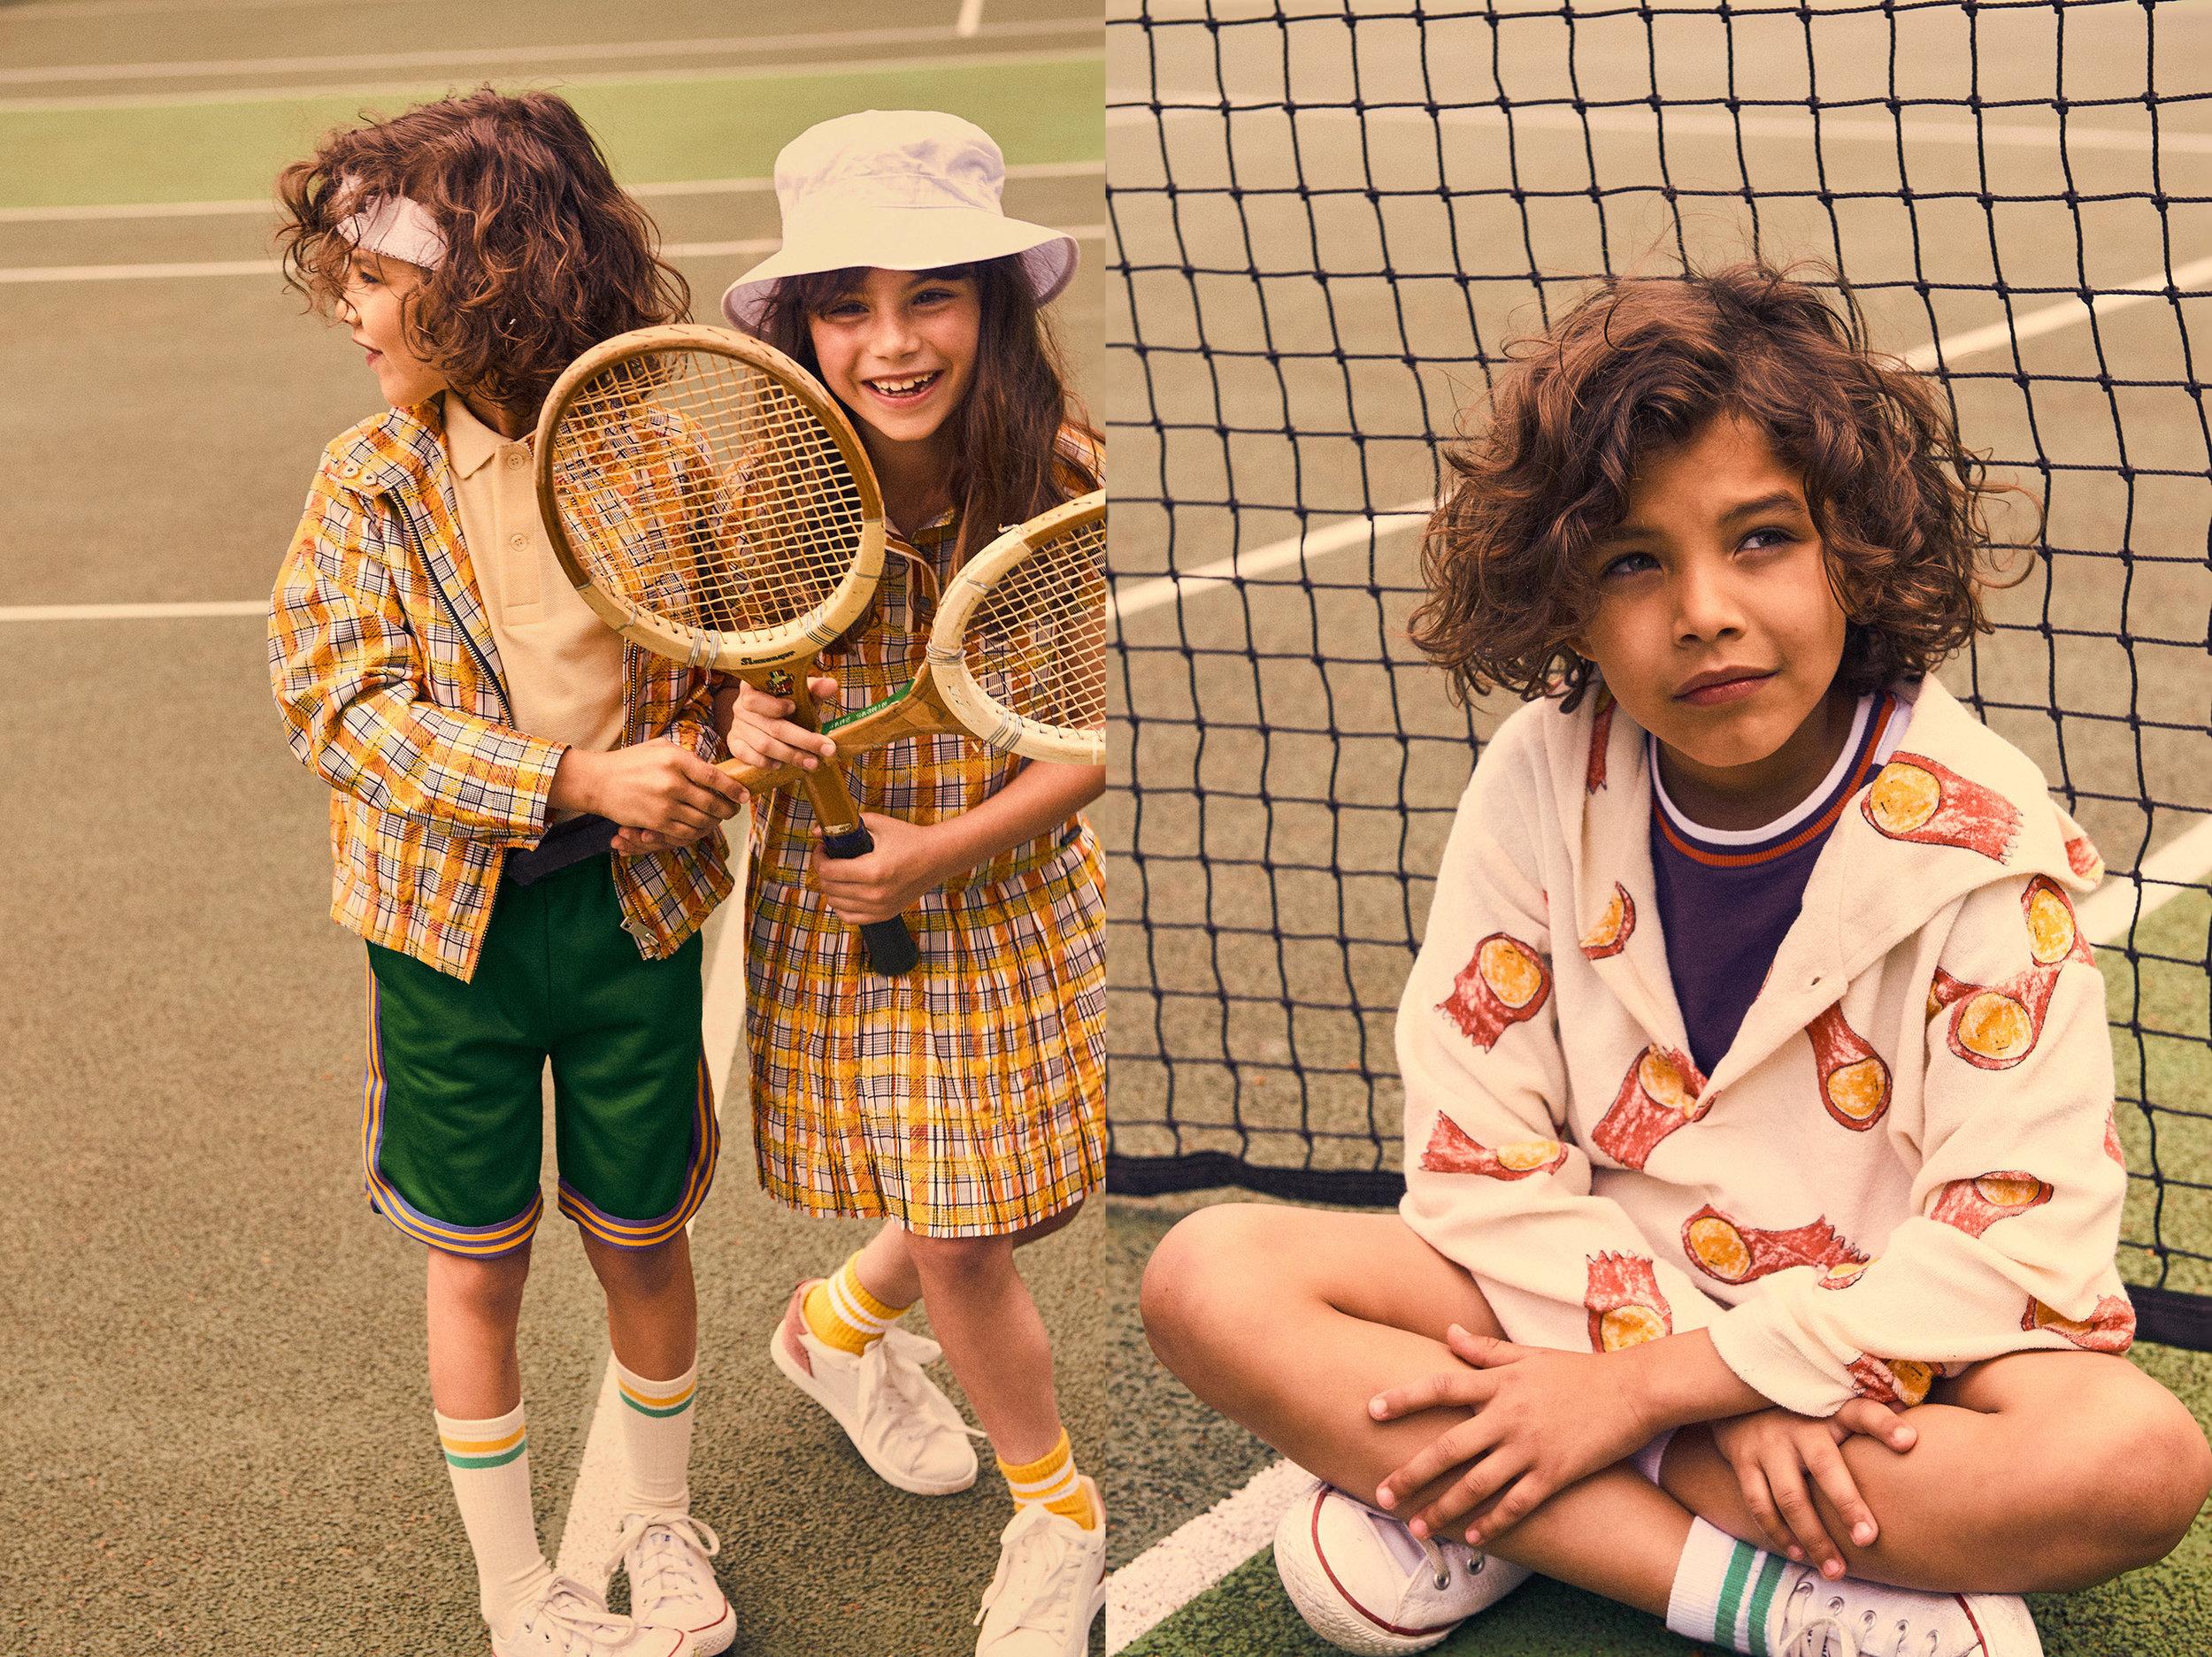 tennis5.jpg